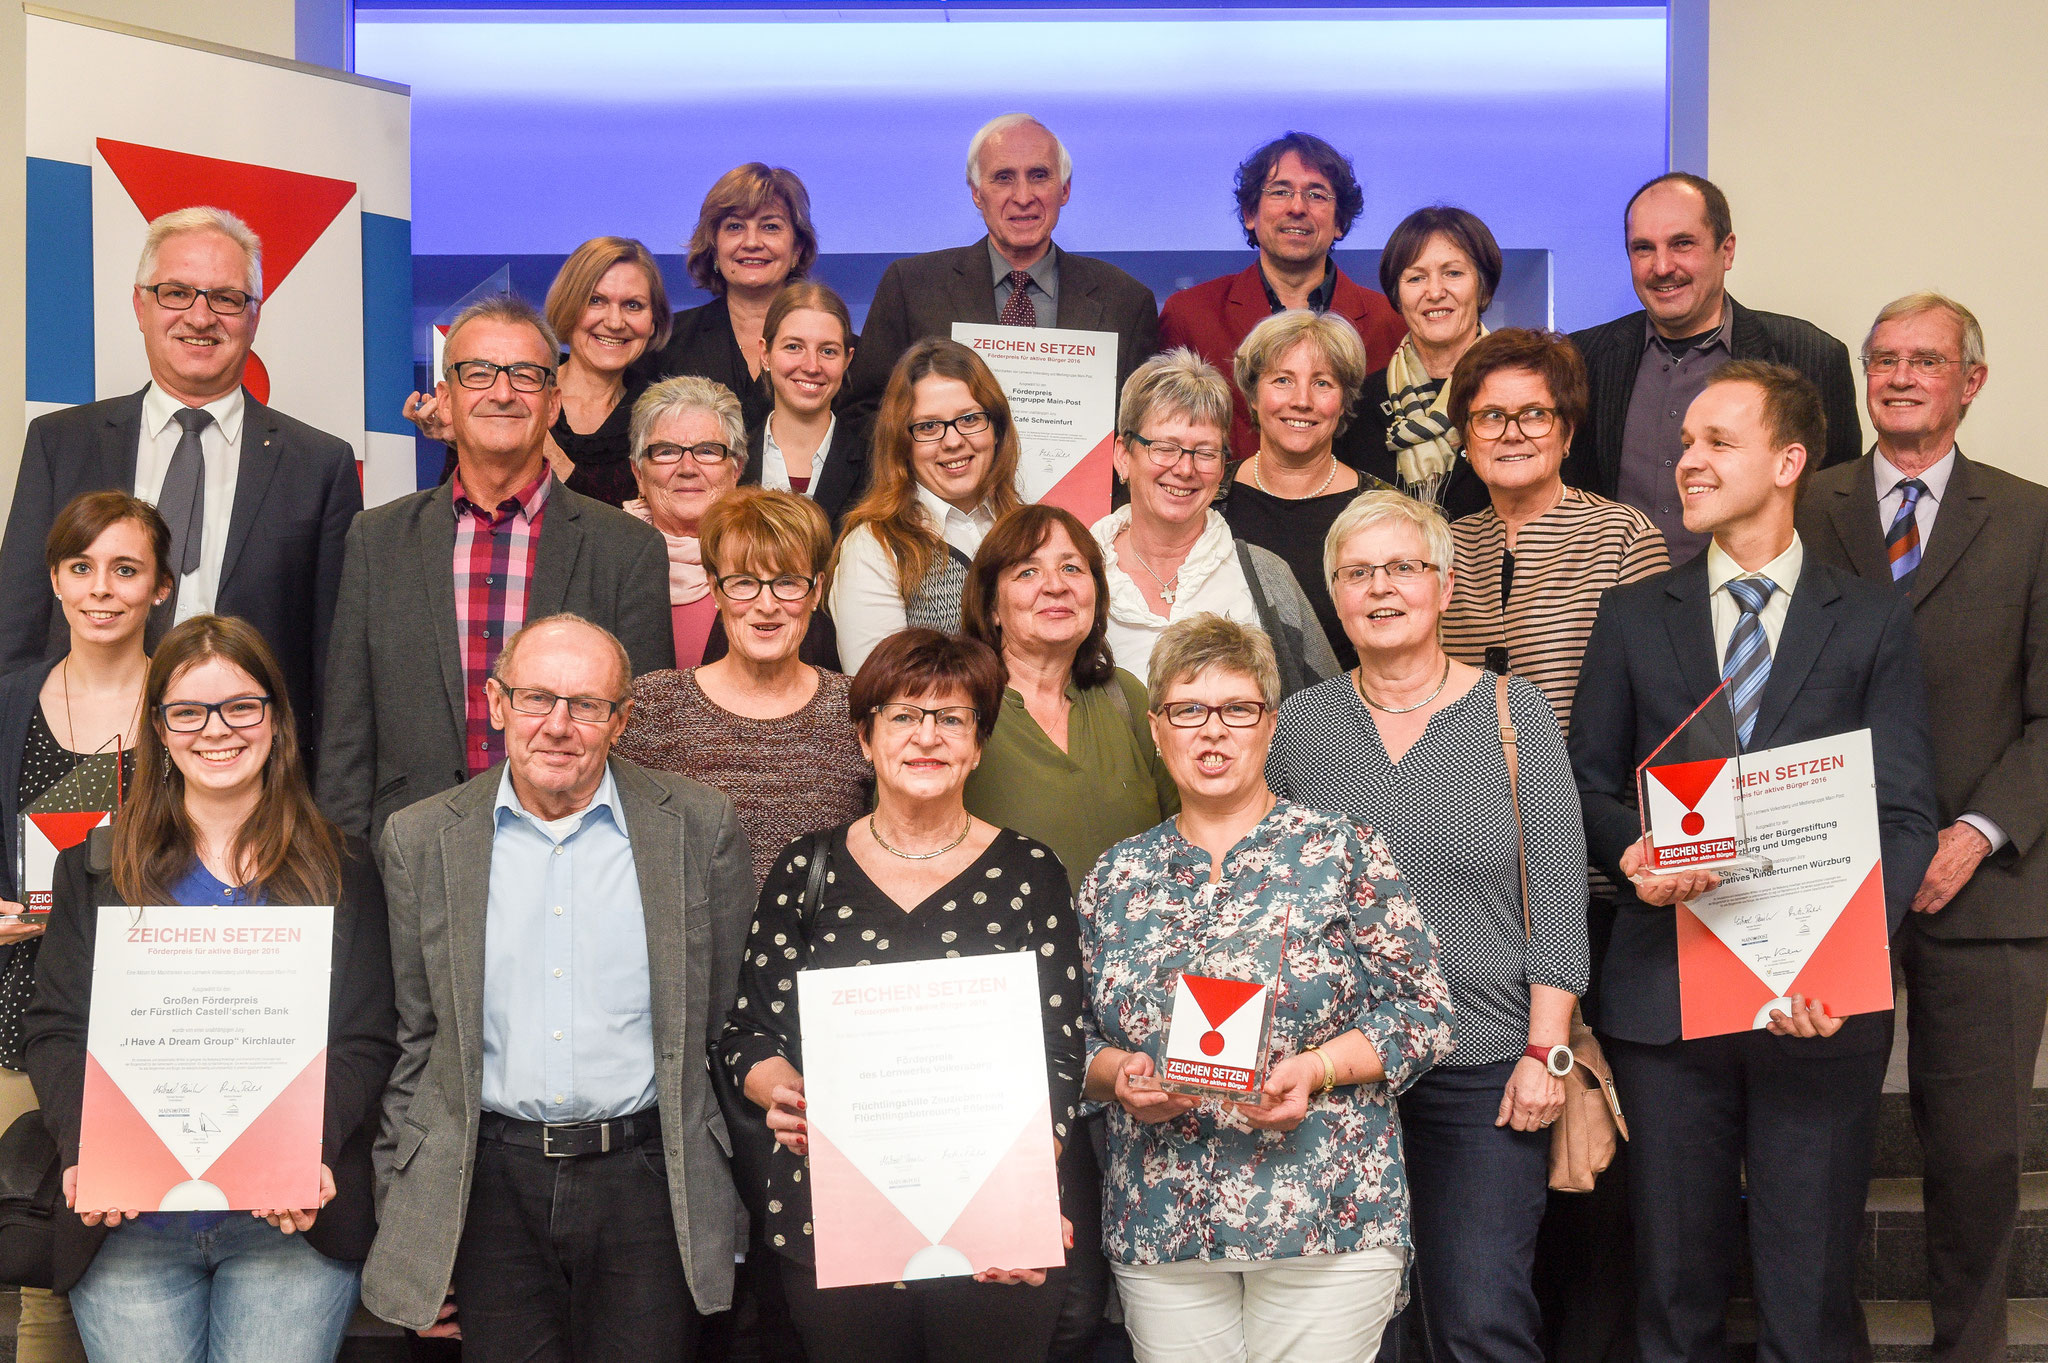 Gruppenfoto aller Gewinner 2017